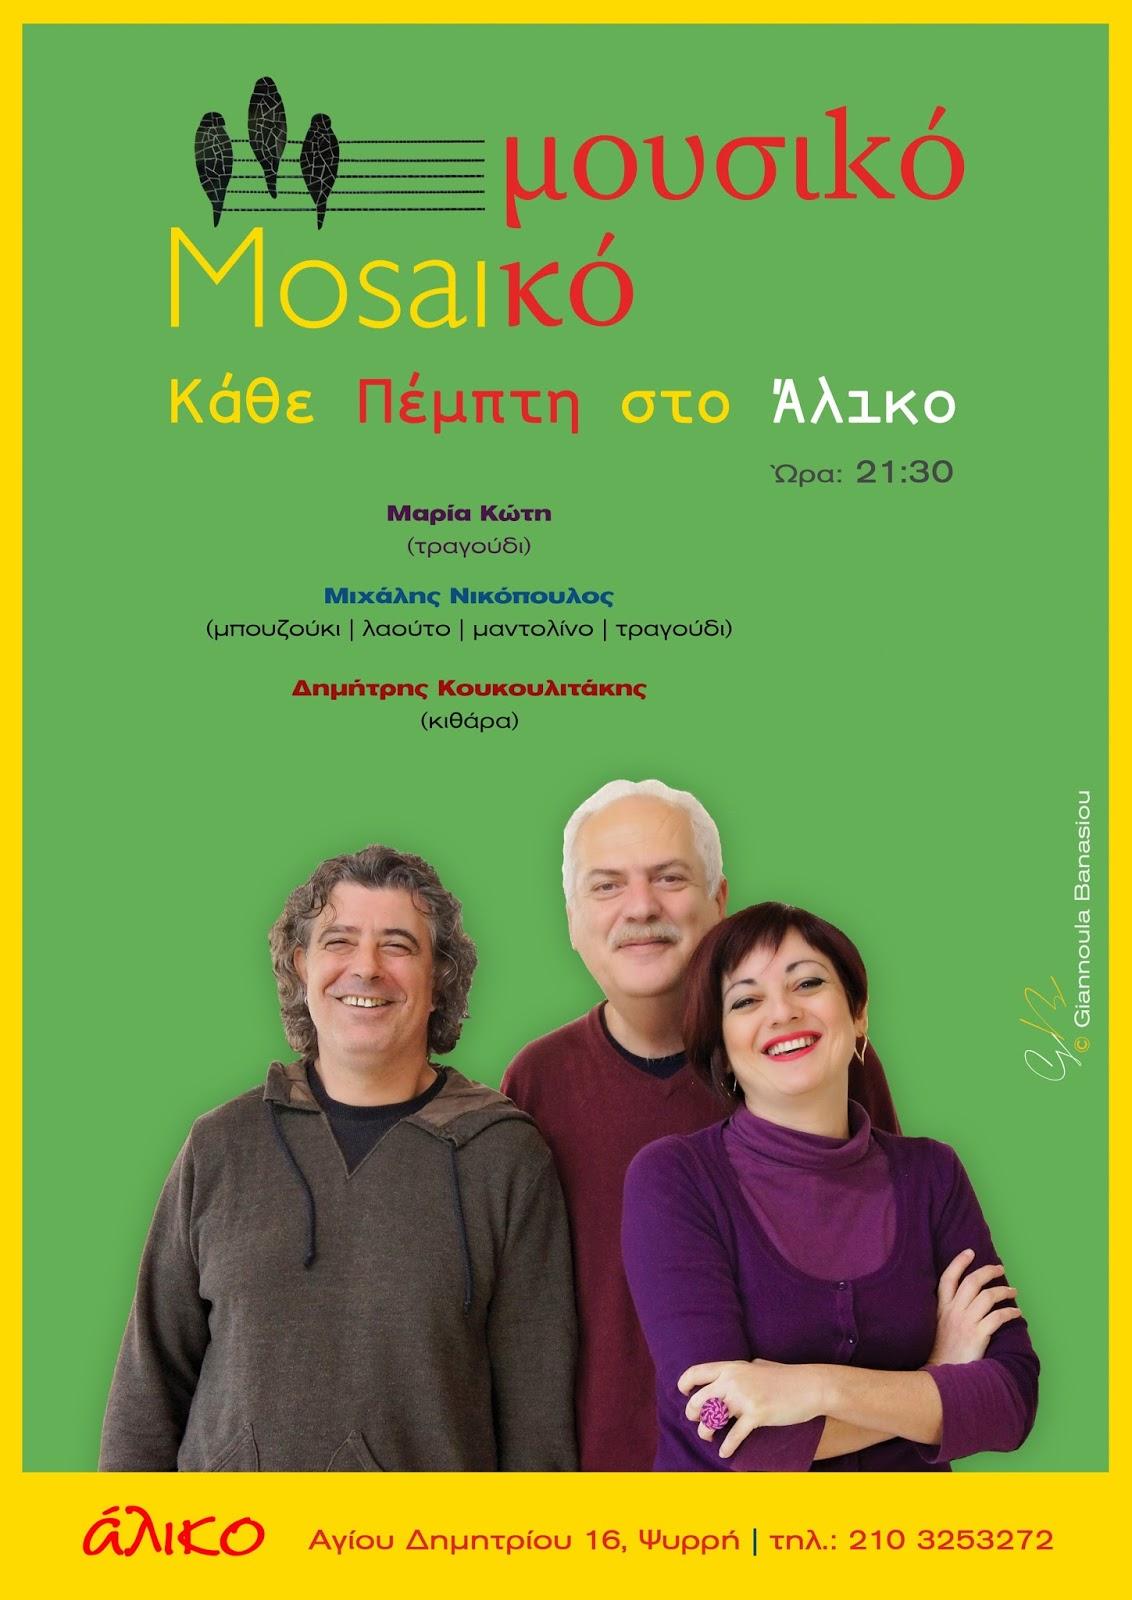 mousiko-mosaiko-tis-pemptes-sto-aliko